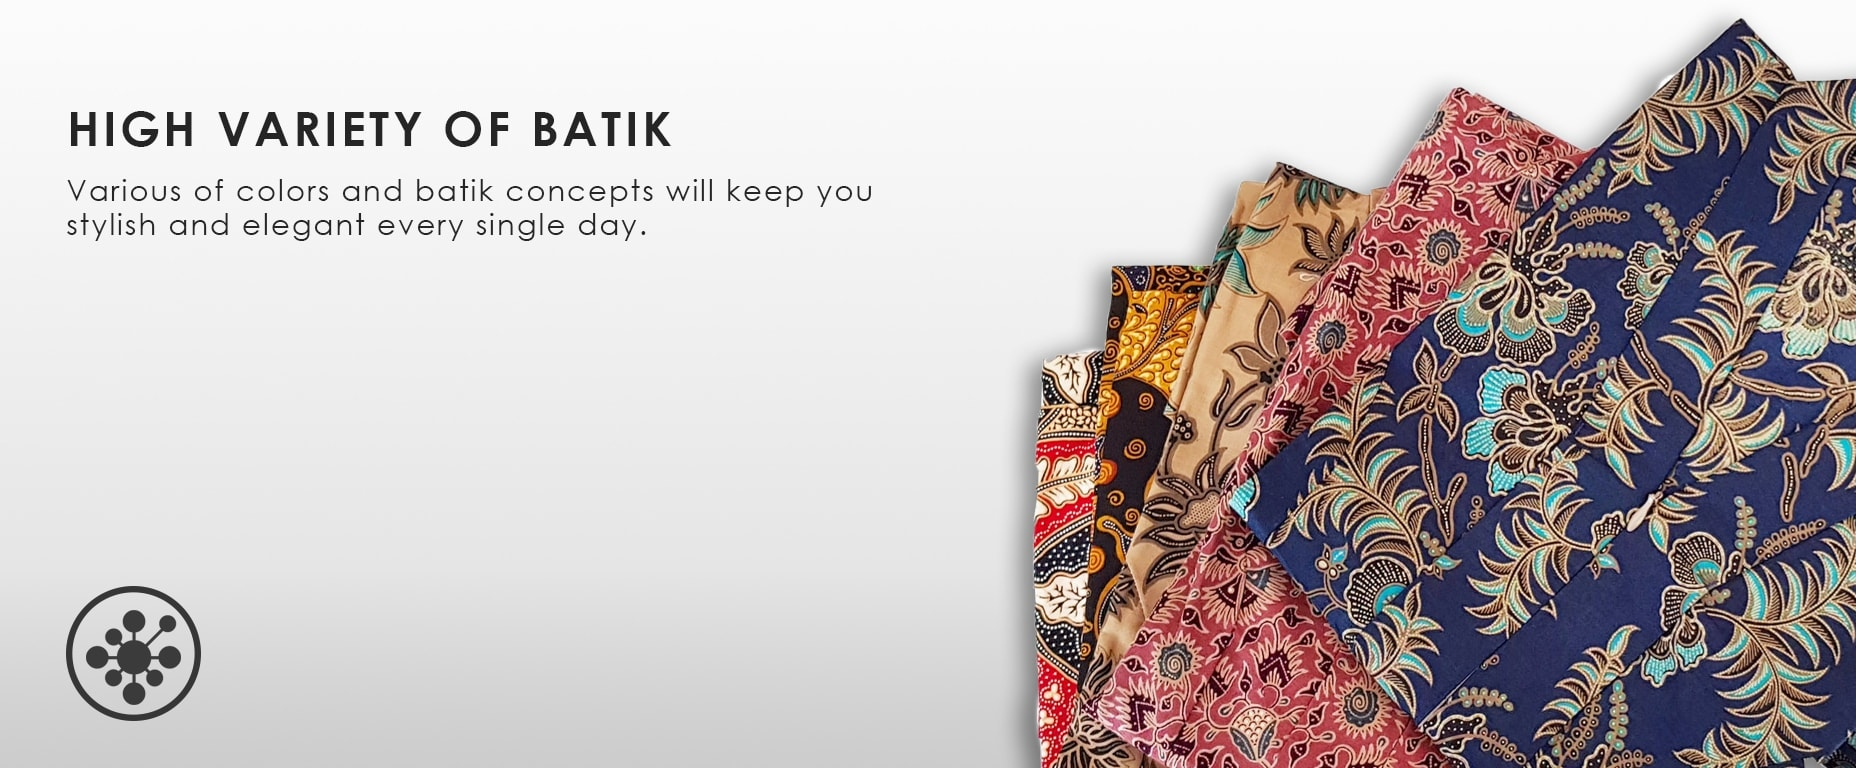 habra-haute-kara-kebaya-batik-kebaya-batik-malaysia-kebaya-moden-kebaya-modern-kebaya-nyonya-kebaya-labuh-kebaya-pendek